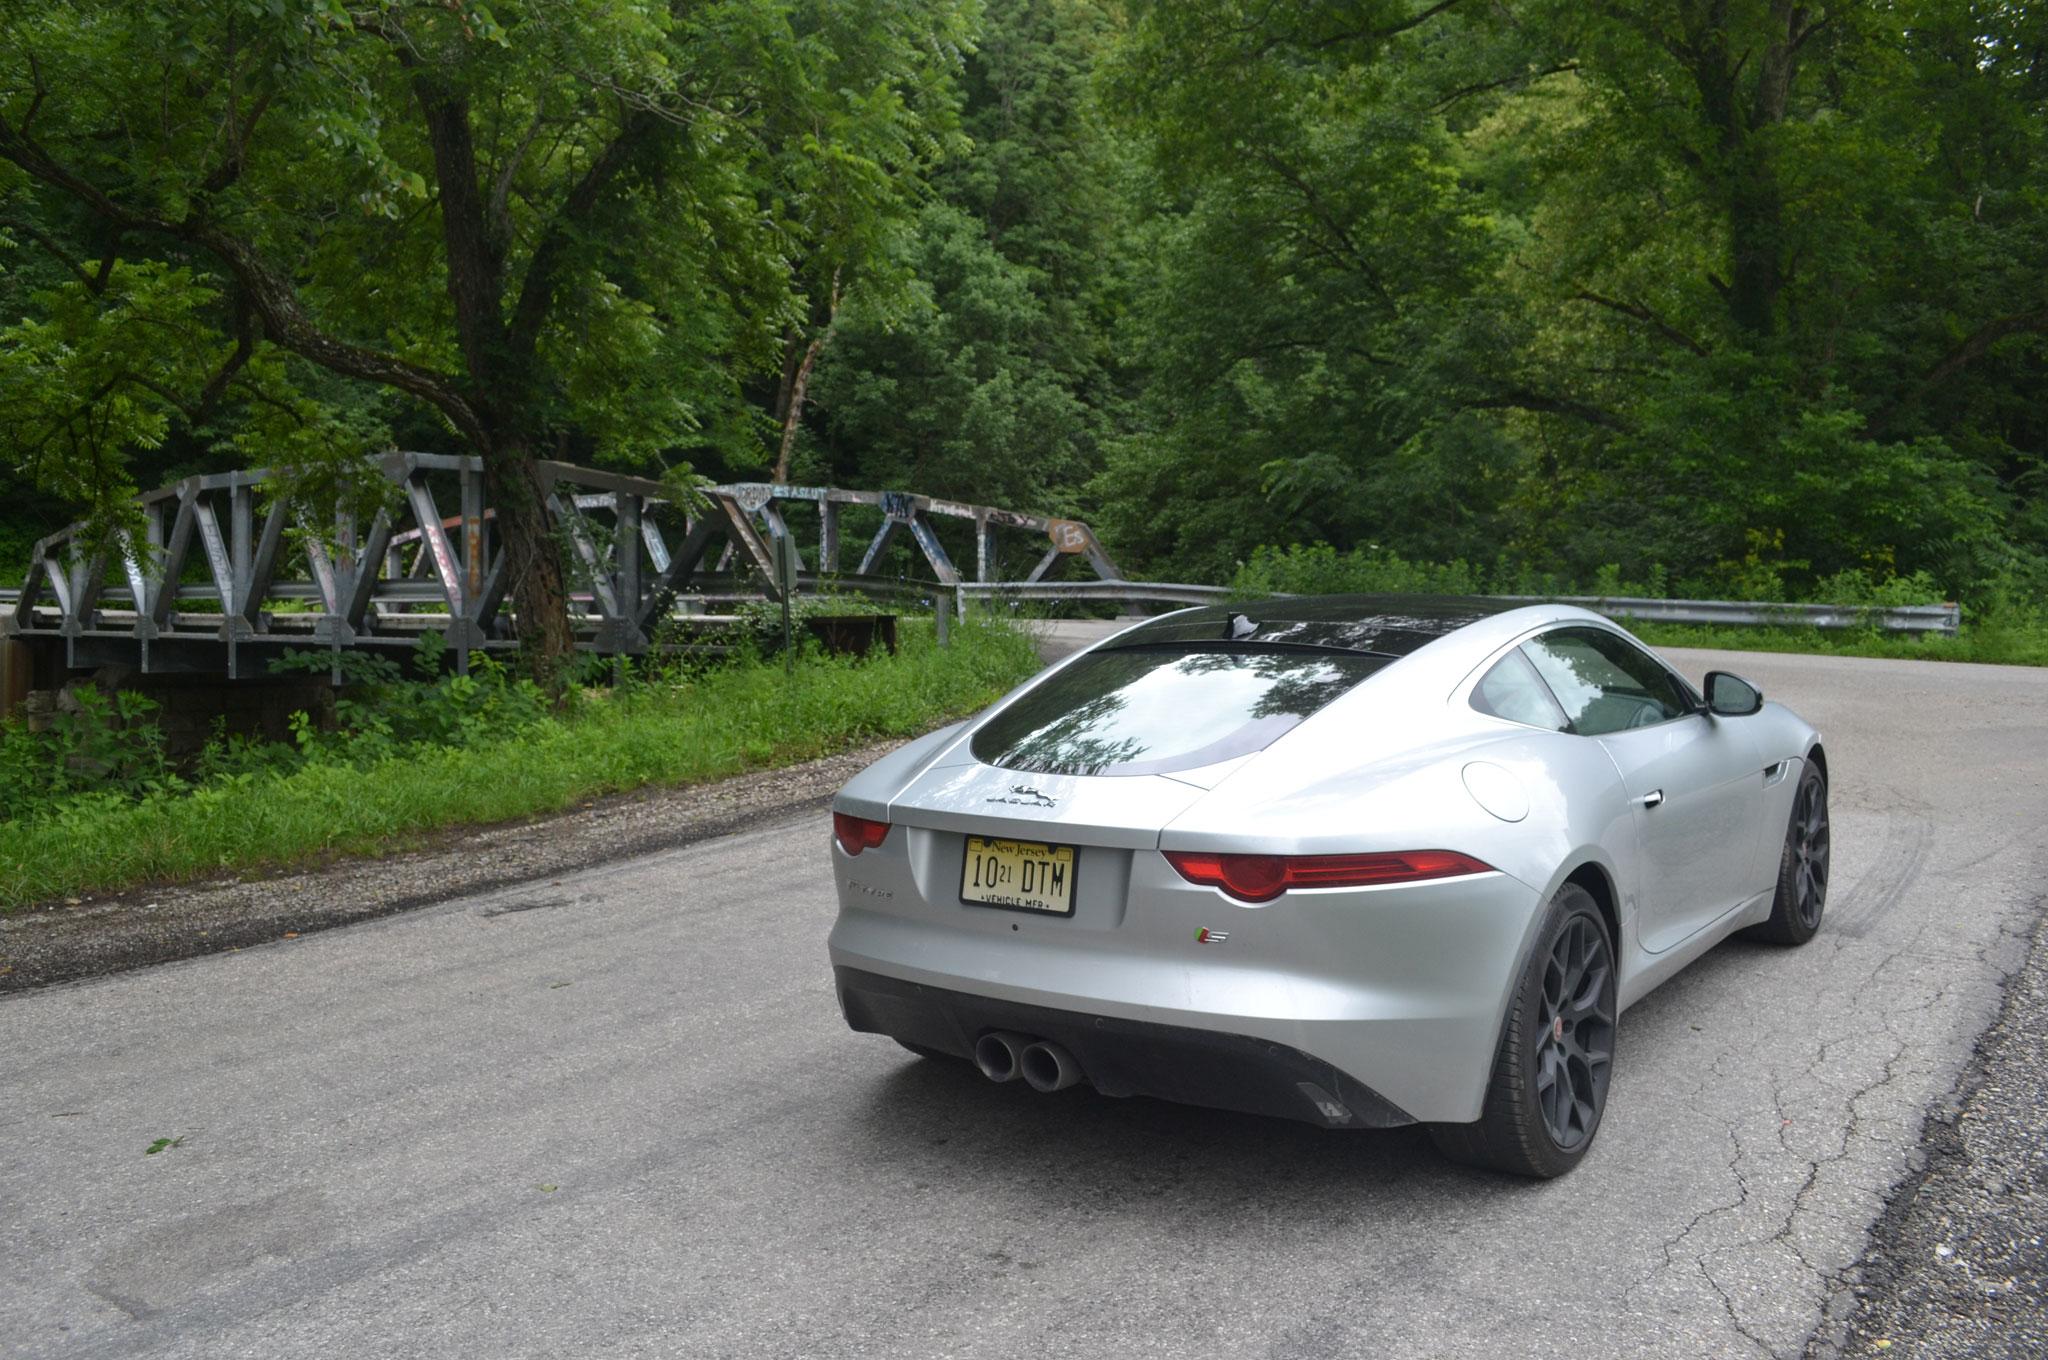 Jaguar FType S Coupe Showing Its Miles - 2015 jaguar f type